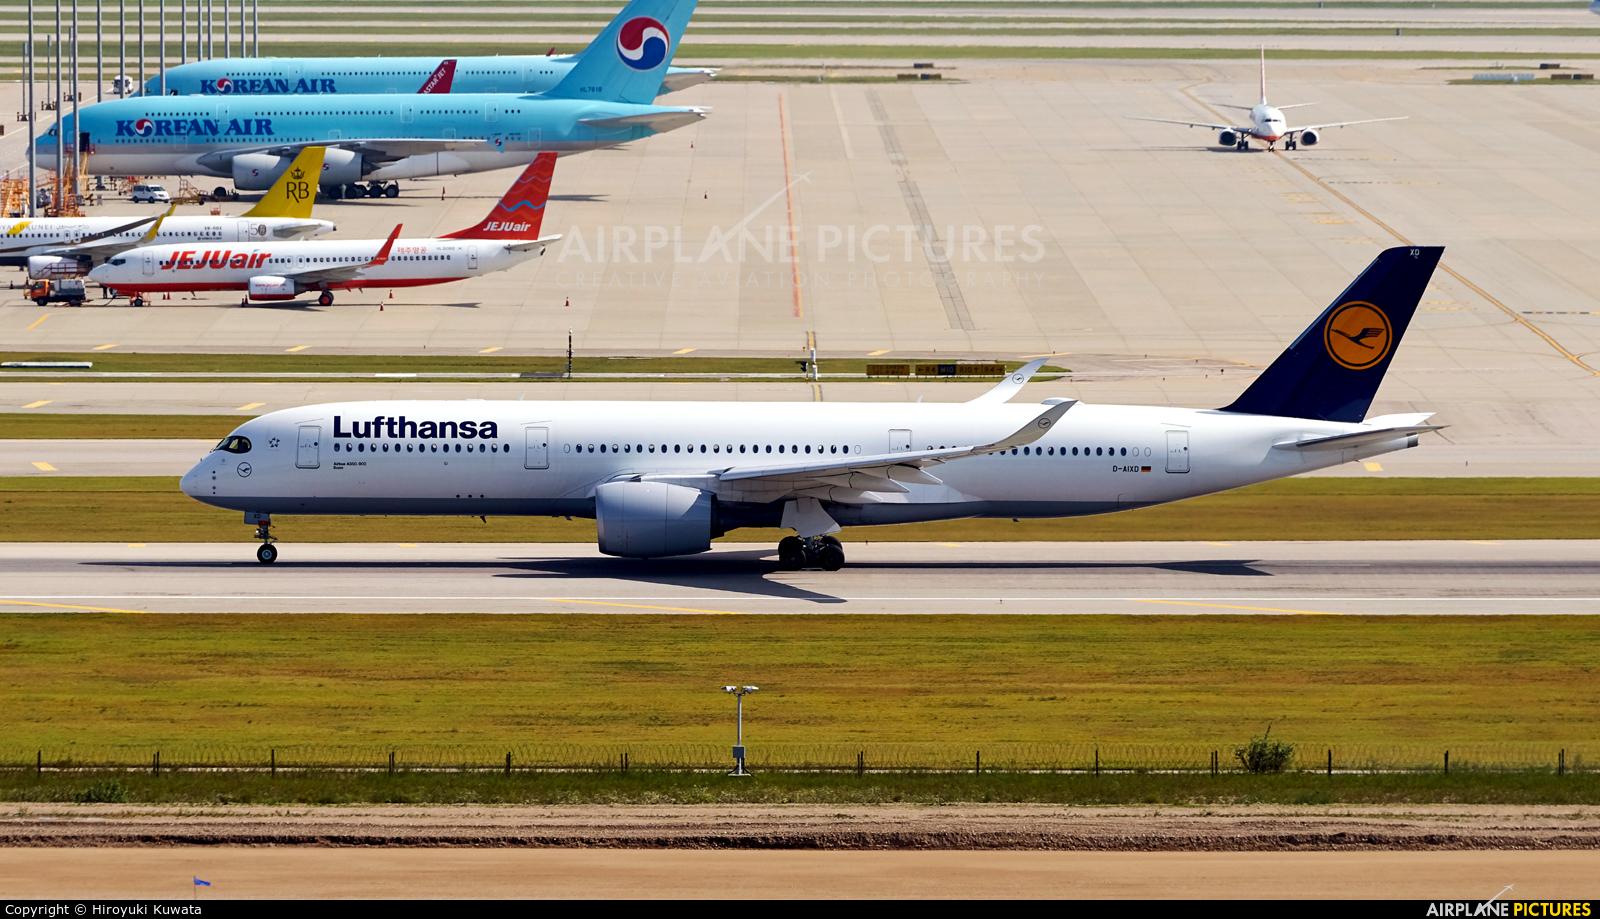 Lufthansa D-AIXD aircraft at Seoul - Incheon